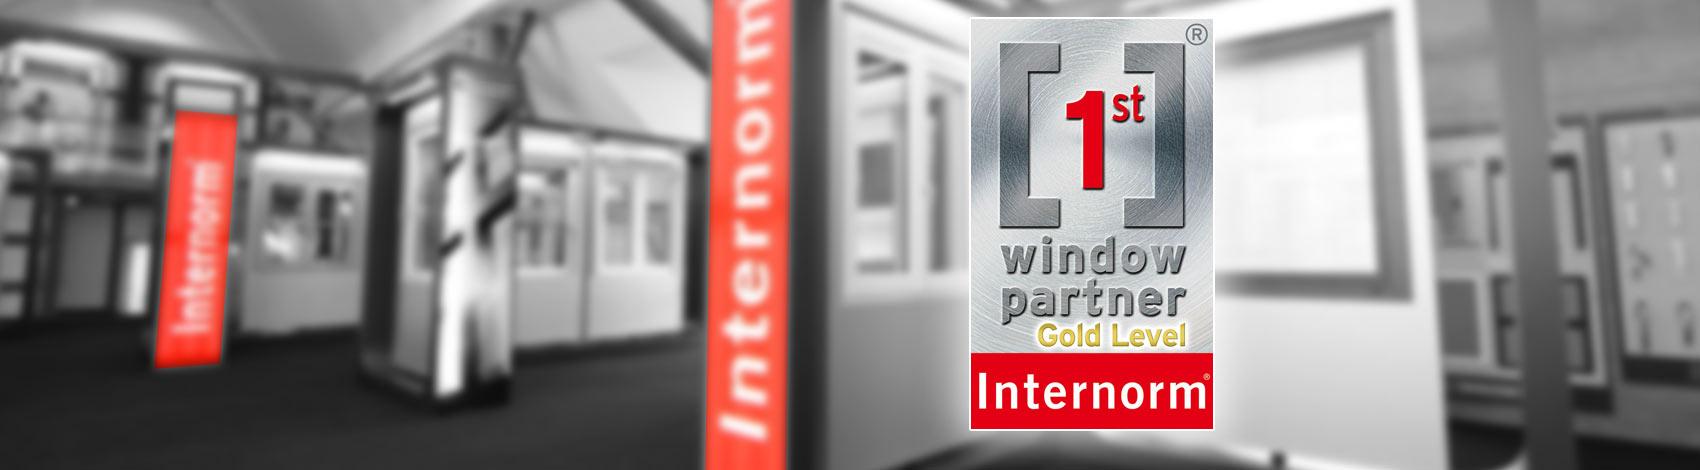 banner-internorm